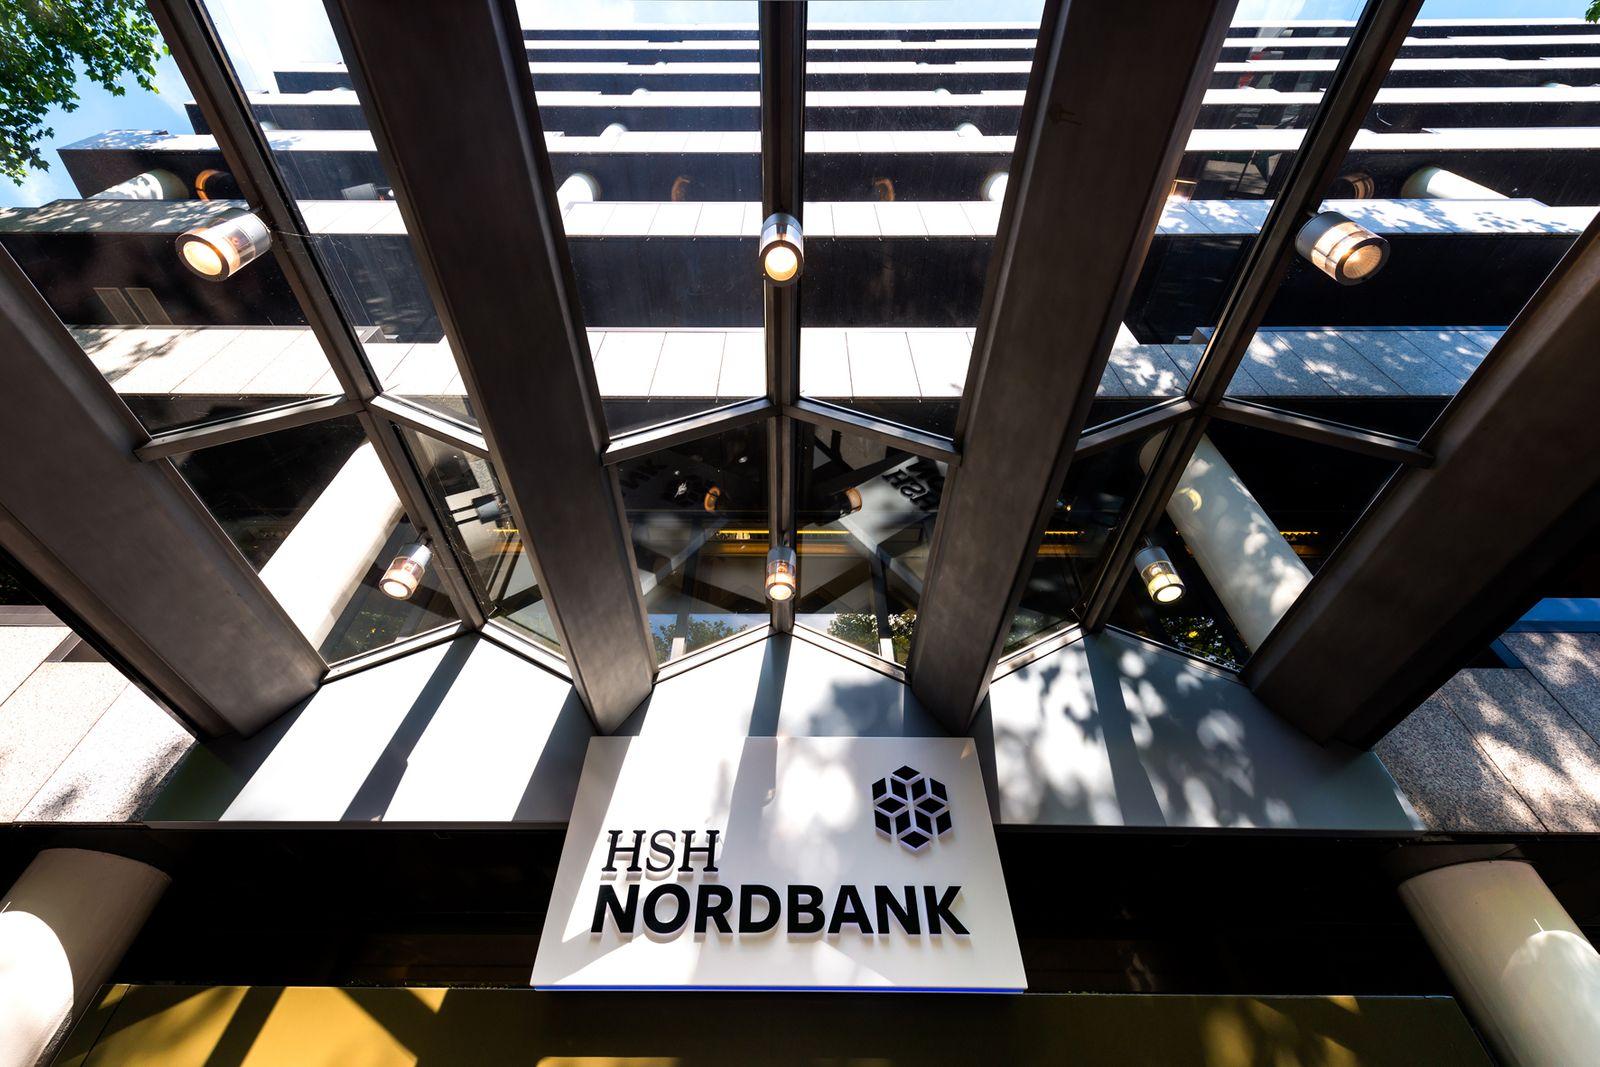 HSH Nordbank / Außenfassade / Logo